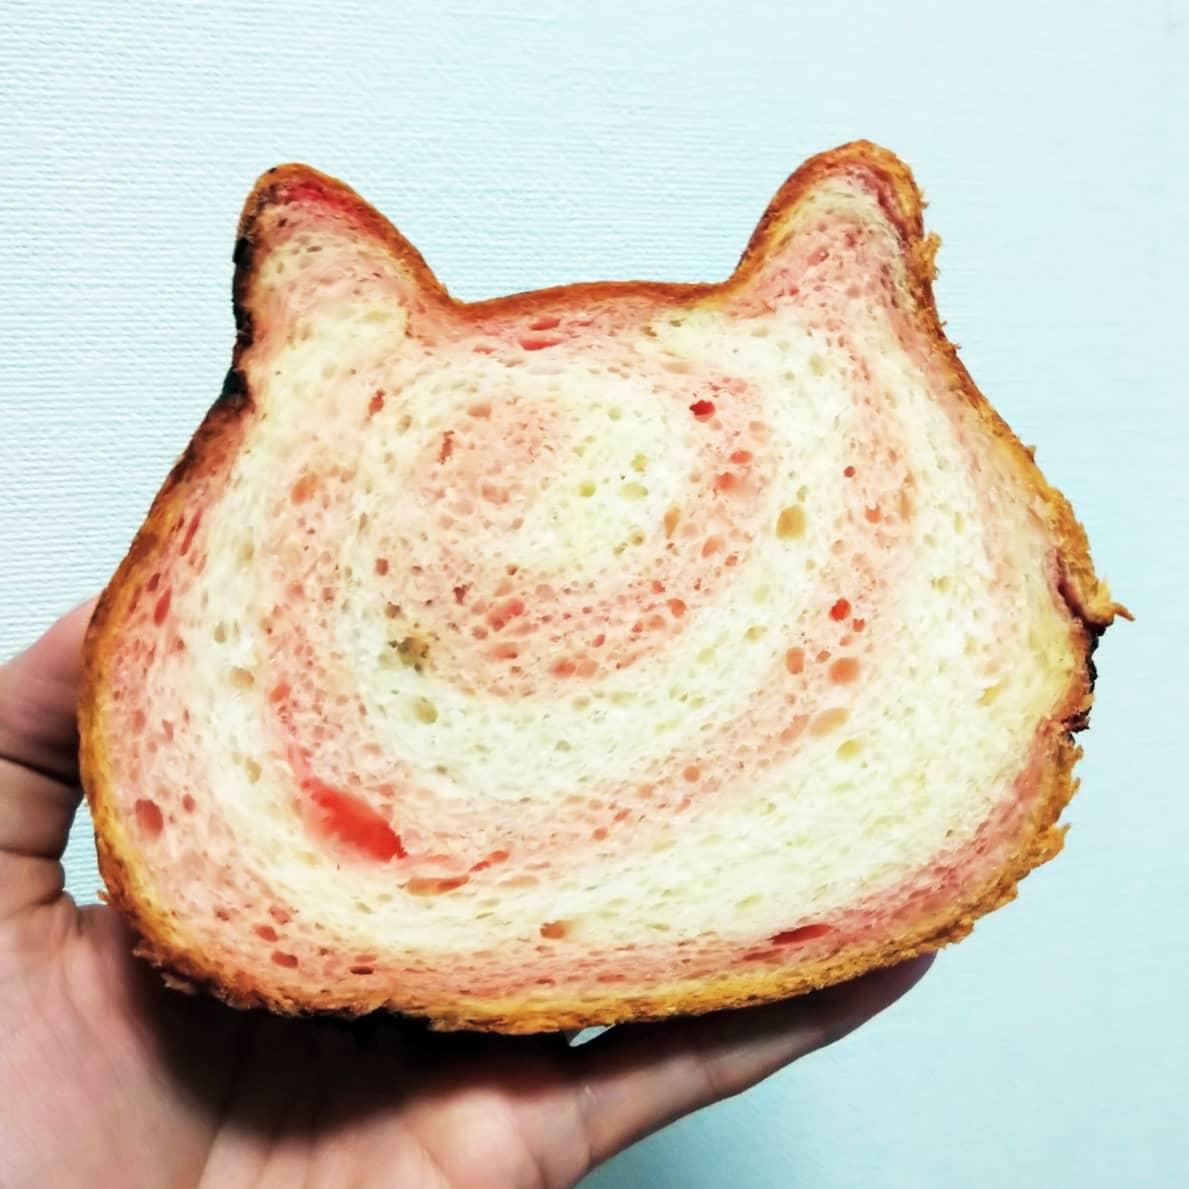 #ねこねこ食パンいちごみるく にゃんともおいしい、本格派食パン!ほんのり謎イチゴ風味がくるふわふわで美味しいやつ! ご馳走さまでした!